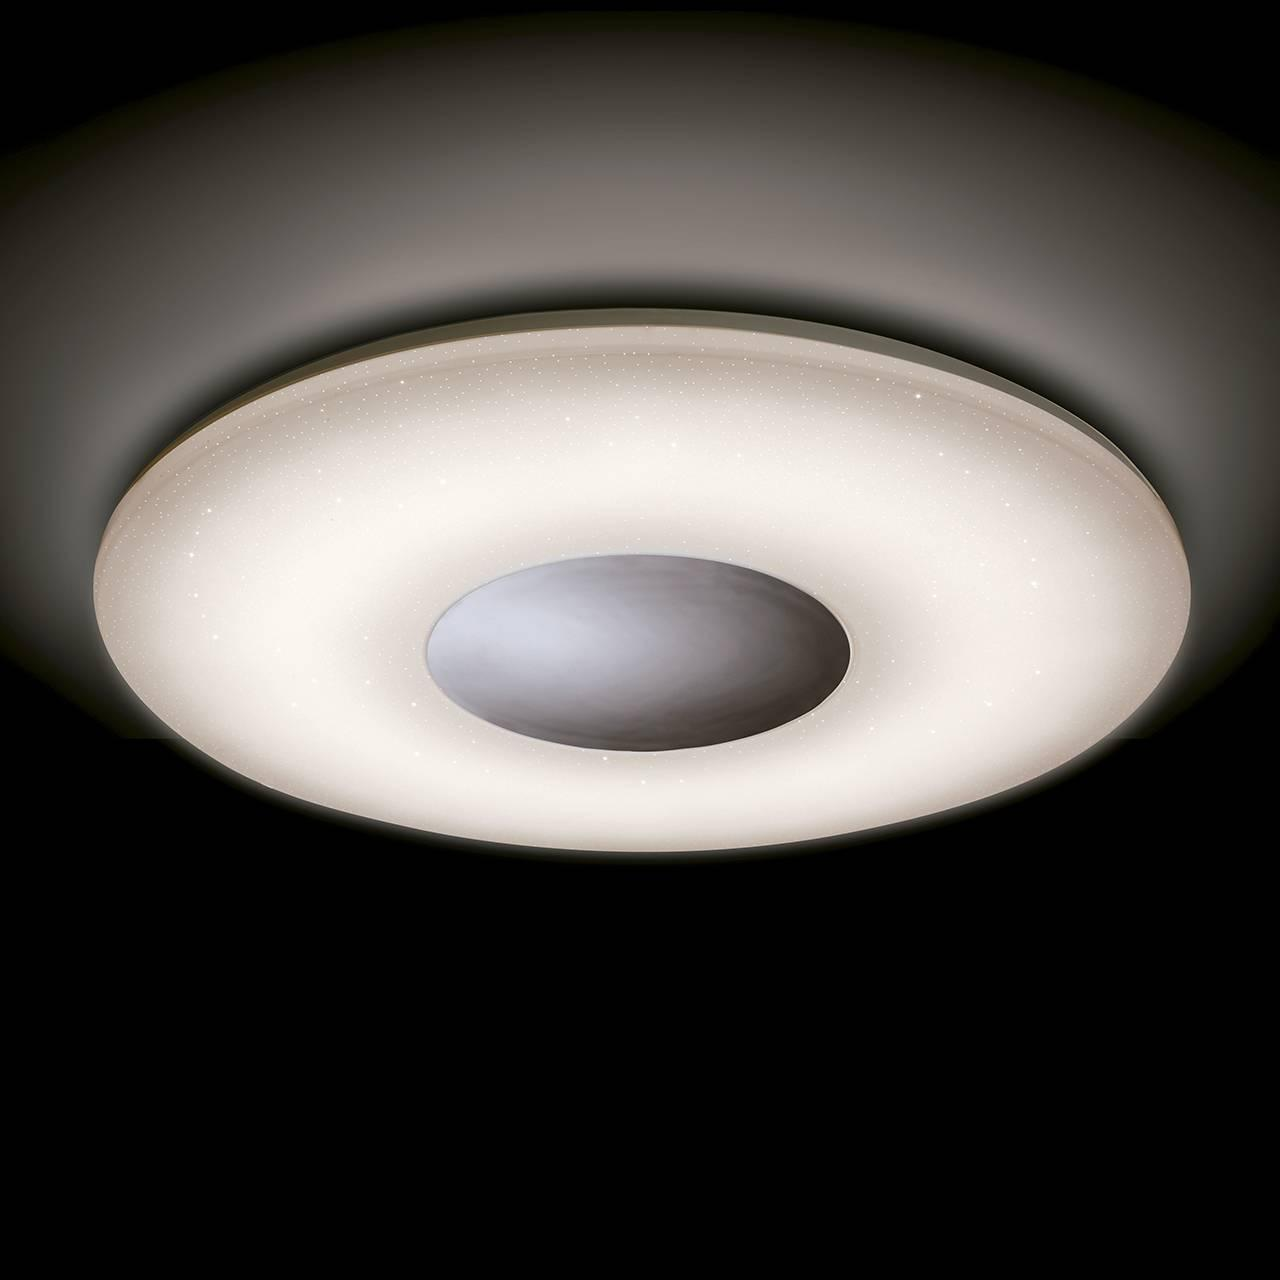 Потолочный светодиодный светильник Mantra Diamante 3692 mantra потолочная люстра mantra diamante 3692